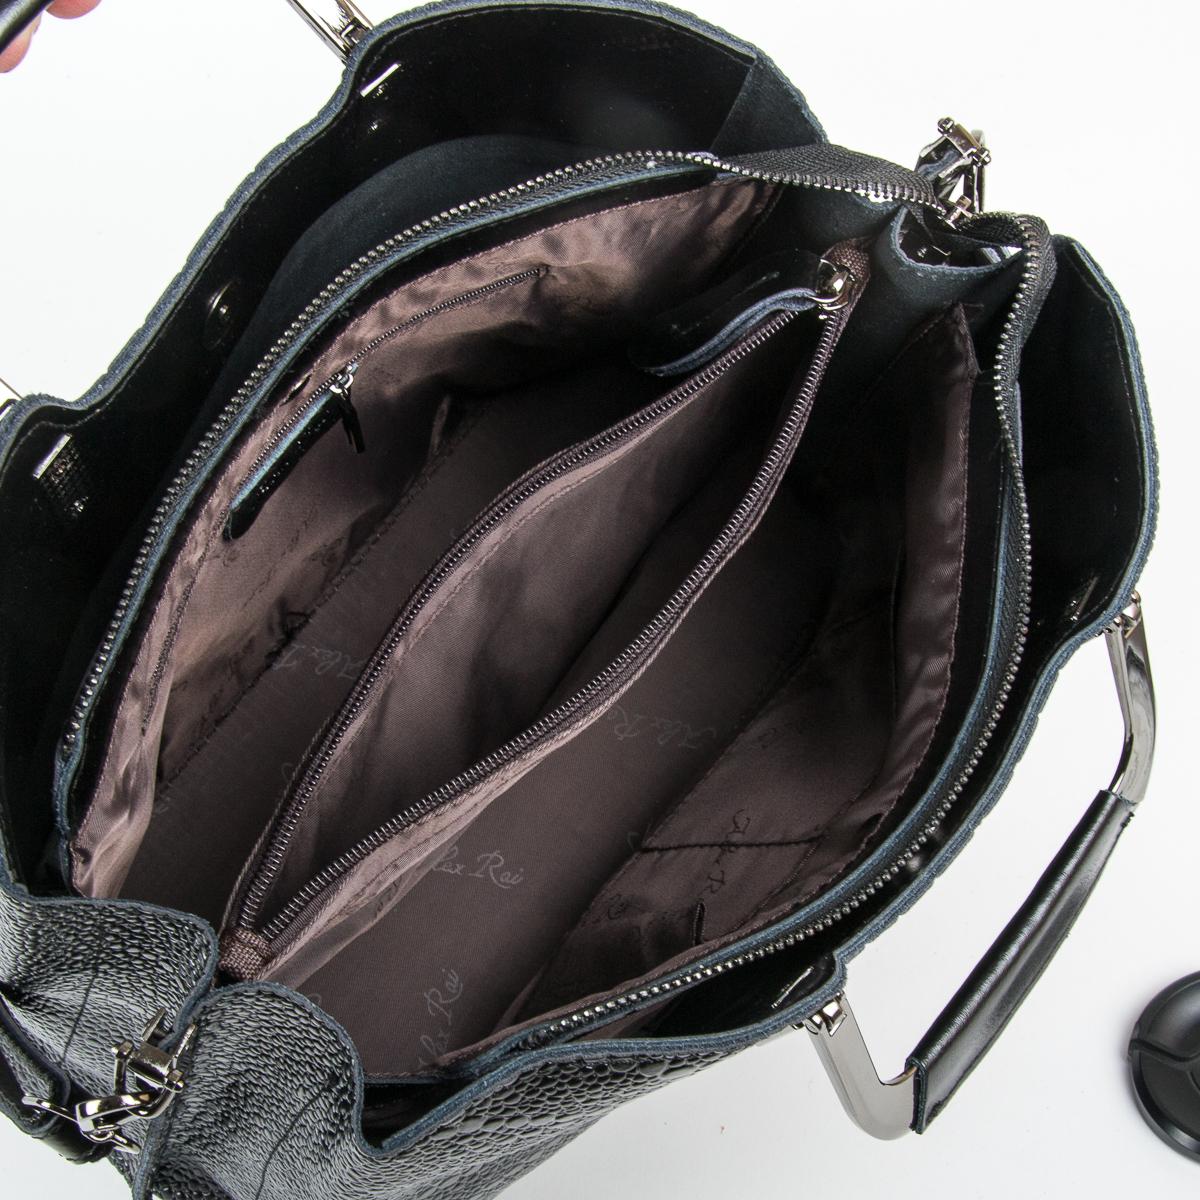 Сумка Женская Классическая кожа ALEX RAI 9-01 1540-1 black - фото 5